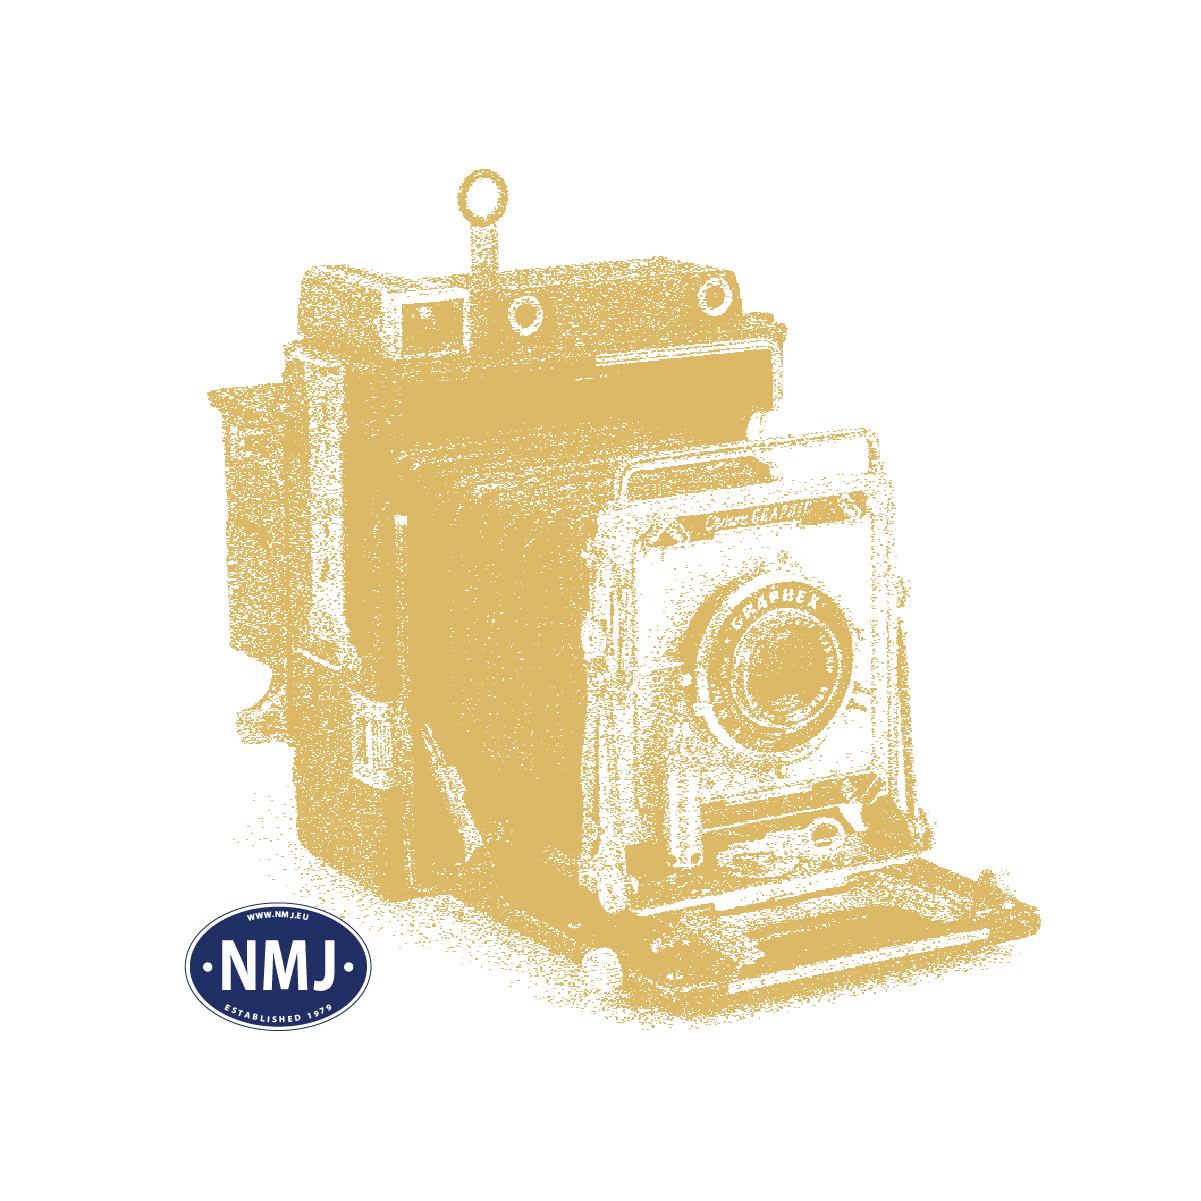 NMJT205.501 - NMJ Topline SJ B5K 5126 2 kl. Personvogn, Inter-Regio farger